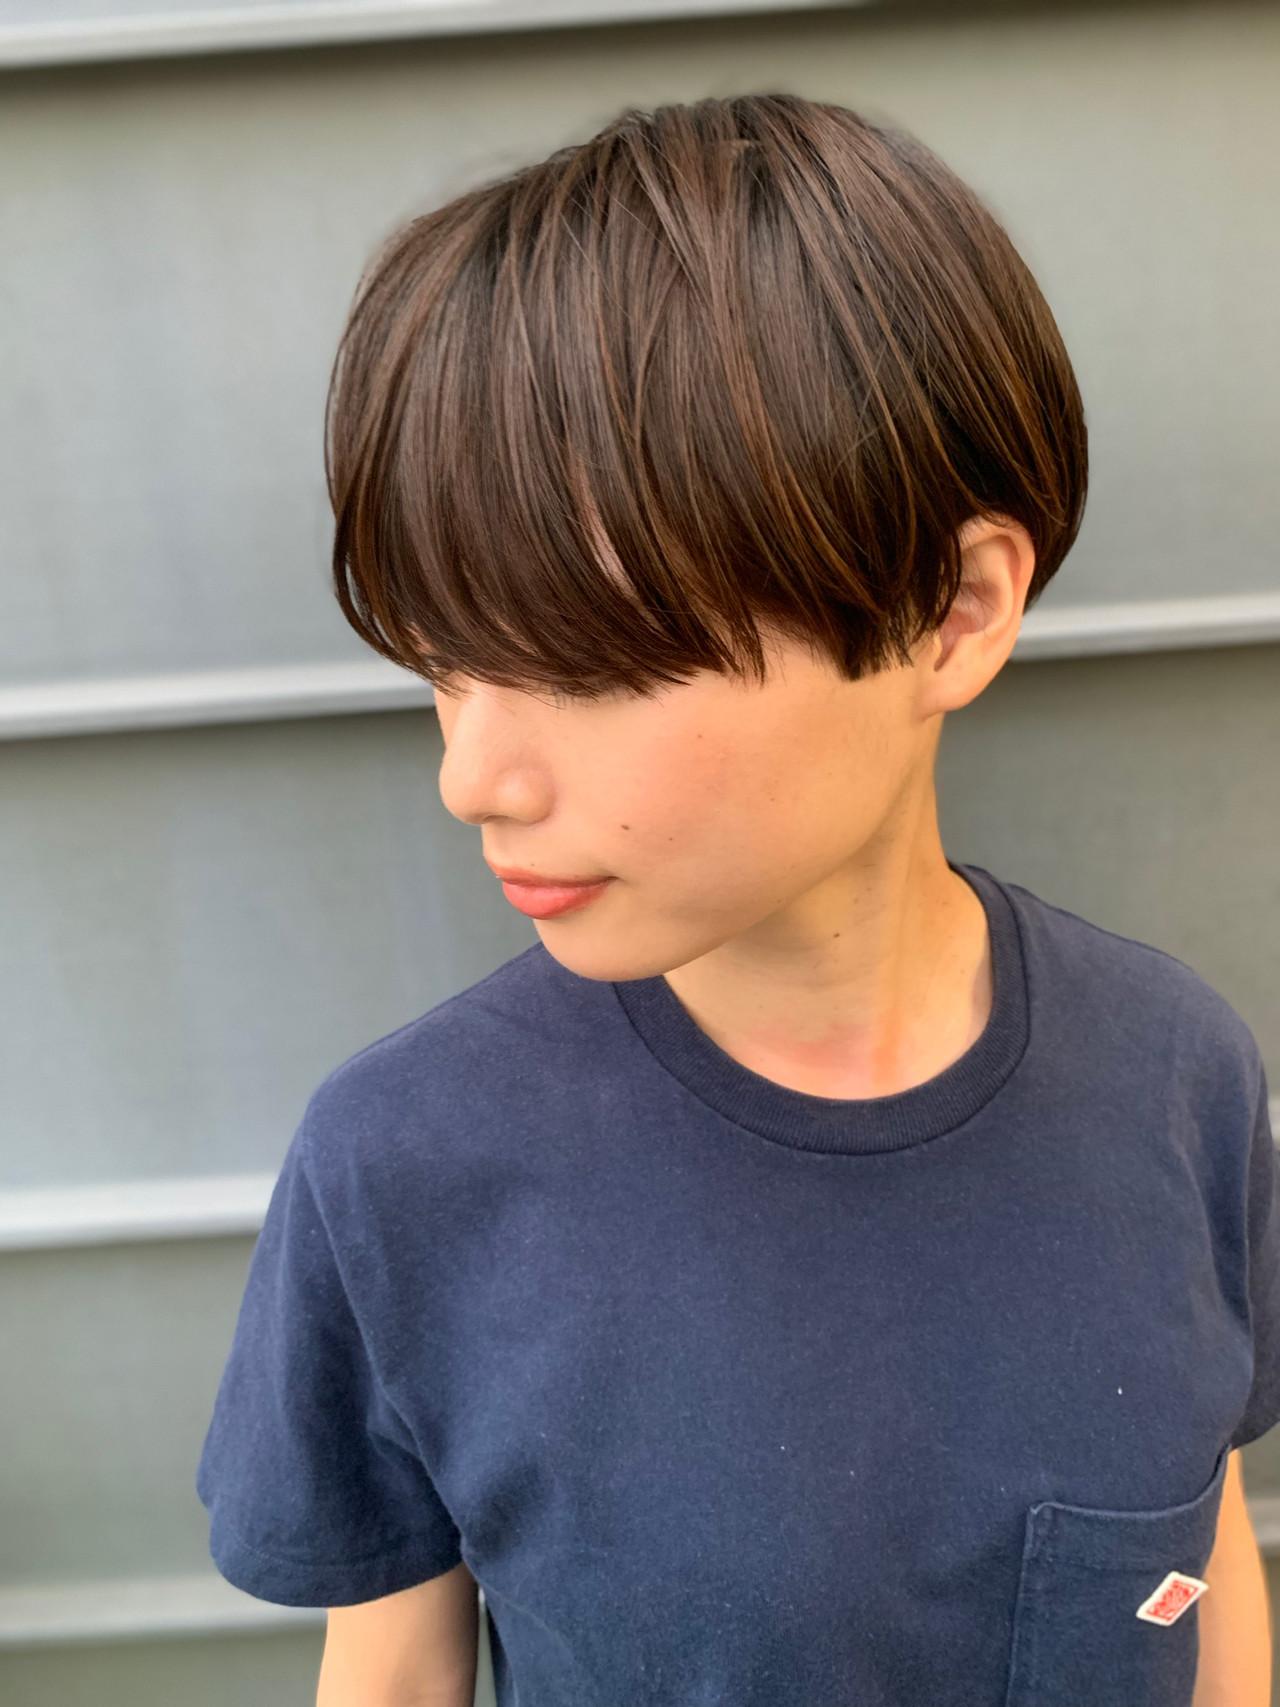 ショート モード ベリーショート ショートヘア ヘアスタイルや髪型の写真・画像 | 黒河 祐樹 / ドアベル ヘアリビング